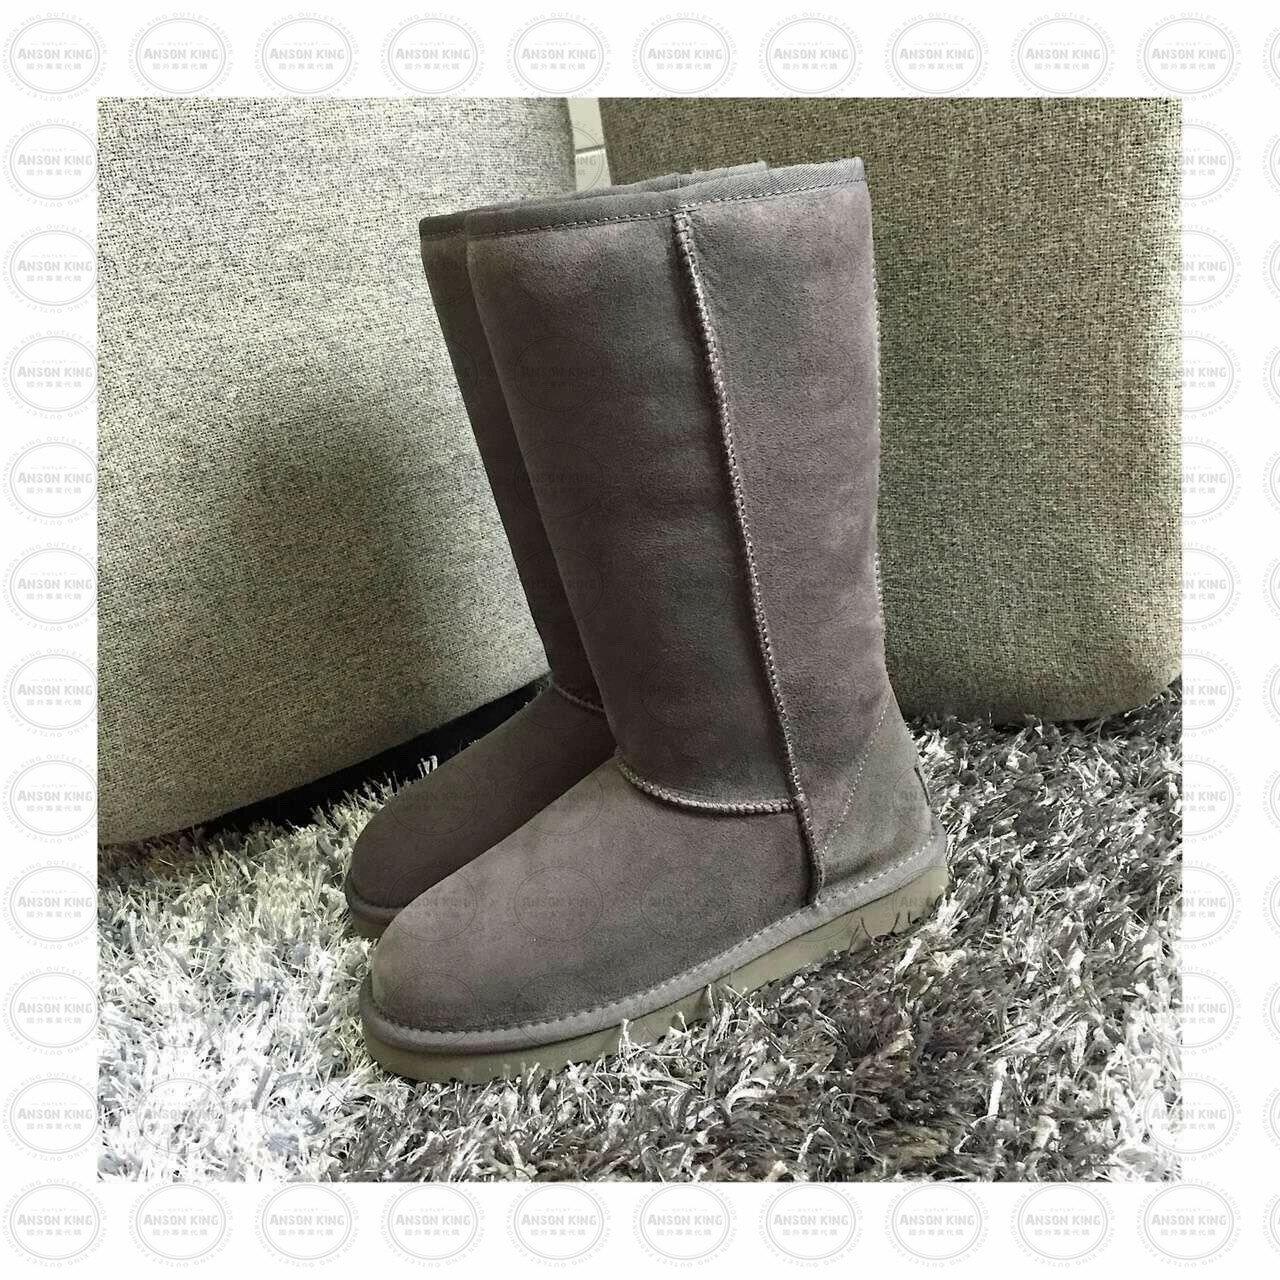 OUTLET正品代購 澳洲 UGG 經典女款羊皮毛一體雪靴 中長靴 保暖 真皮羊皮毛 雪靴 短靴 灰色 0